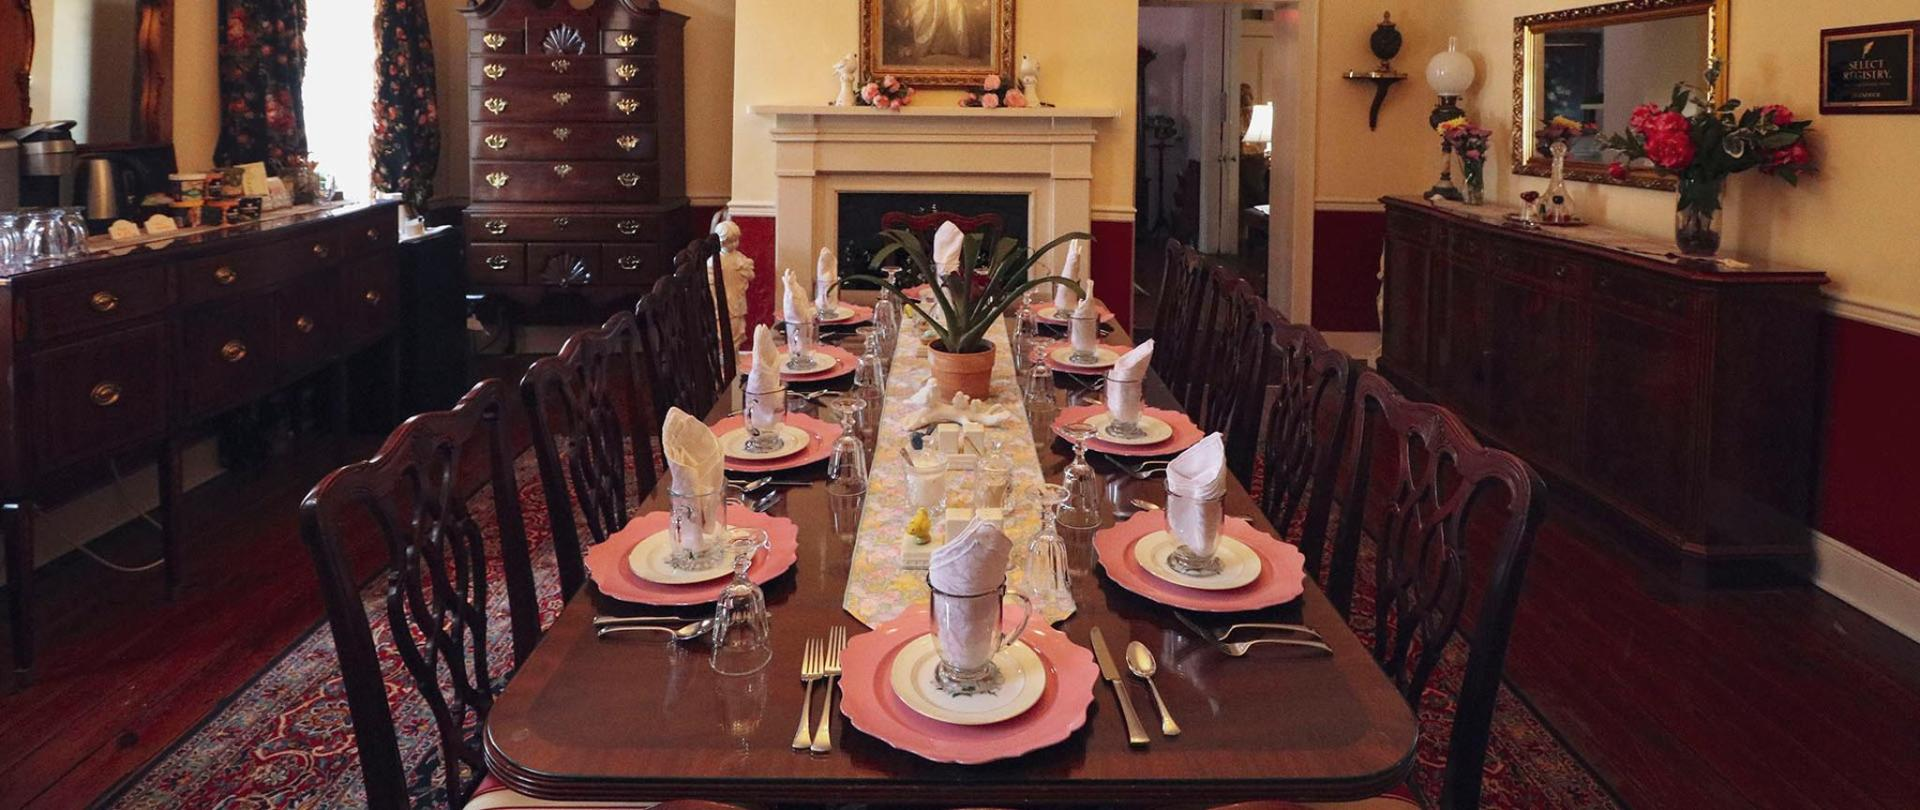 Dining-Room-1920x810-1-new.jpg